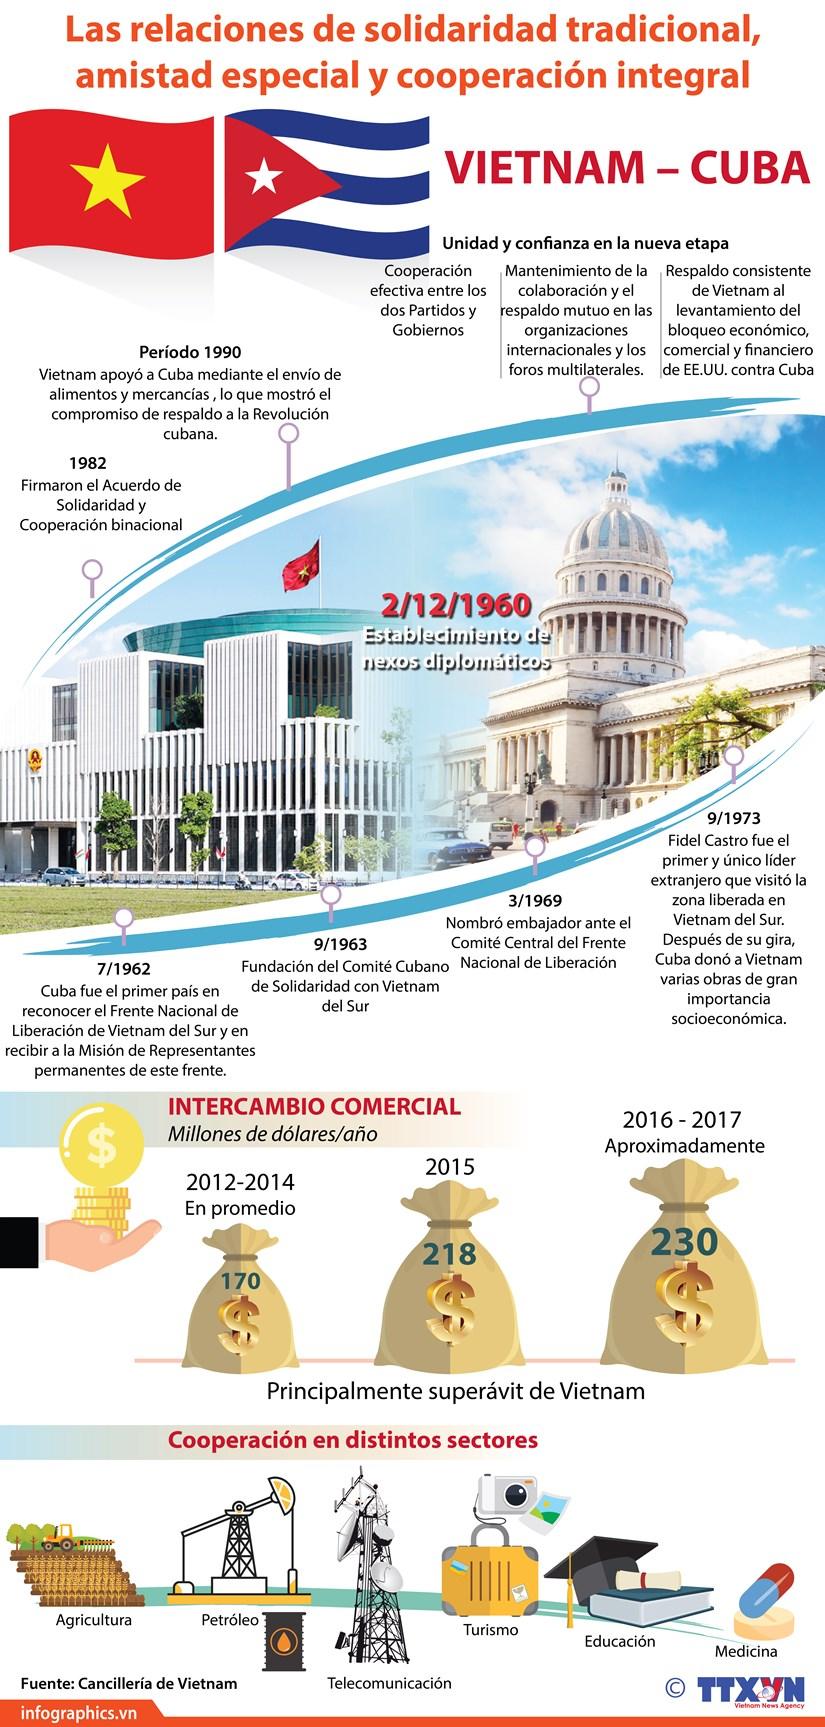 [Infografia] Relaciones de solidaridad tradicional, amistad especial y cooperacion integral Vietnam-Cuba hinh anh 1